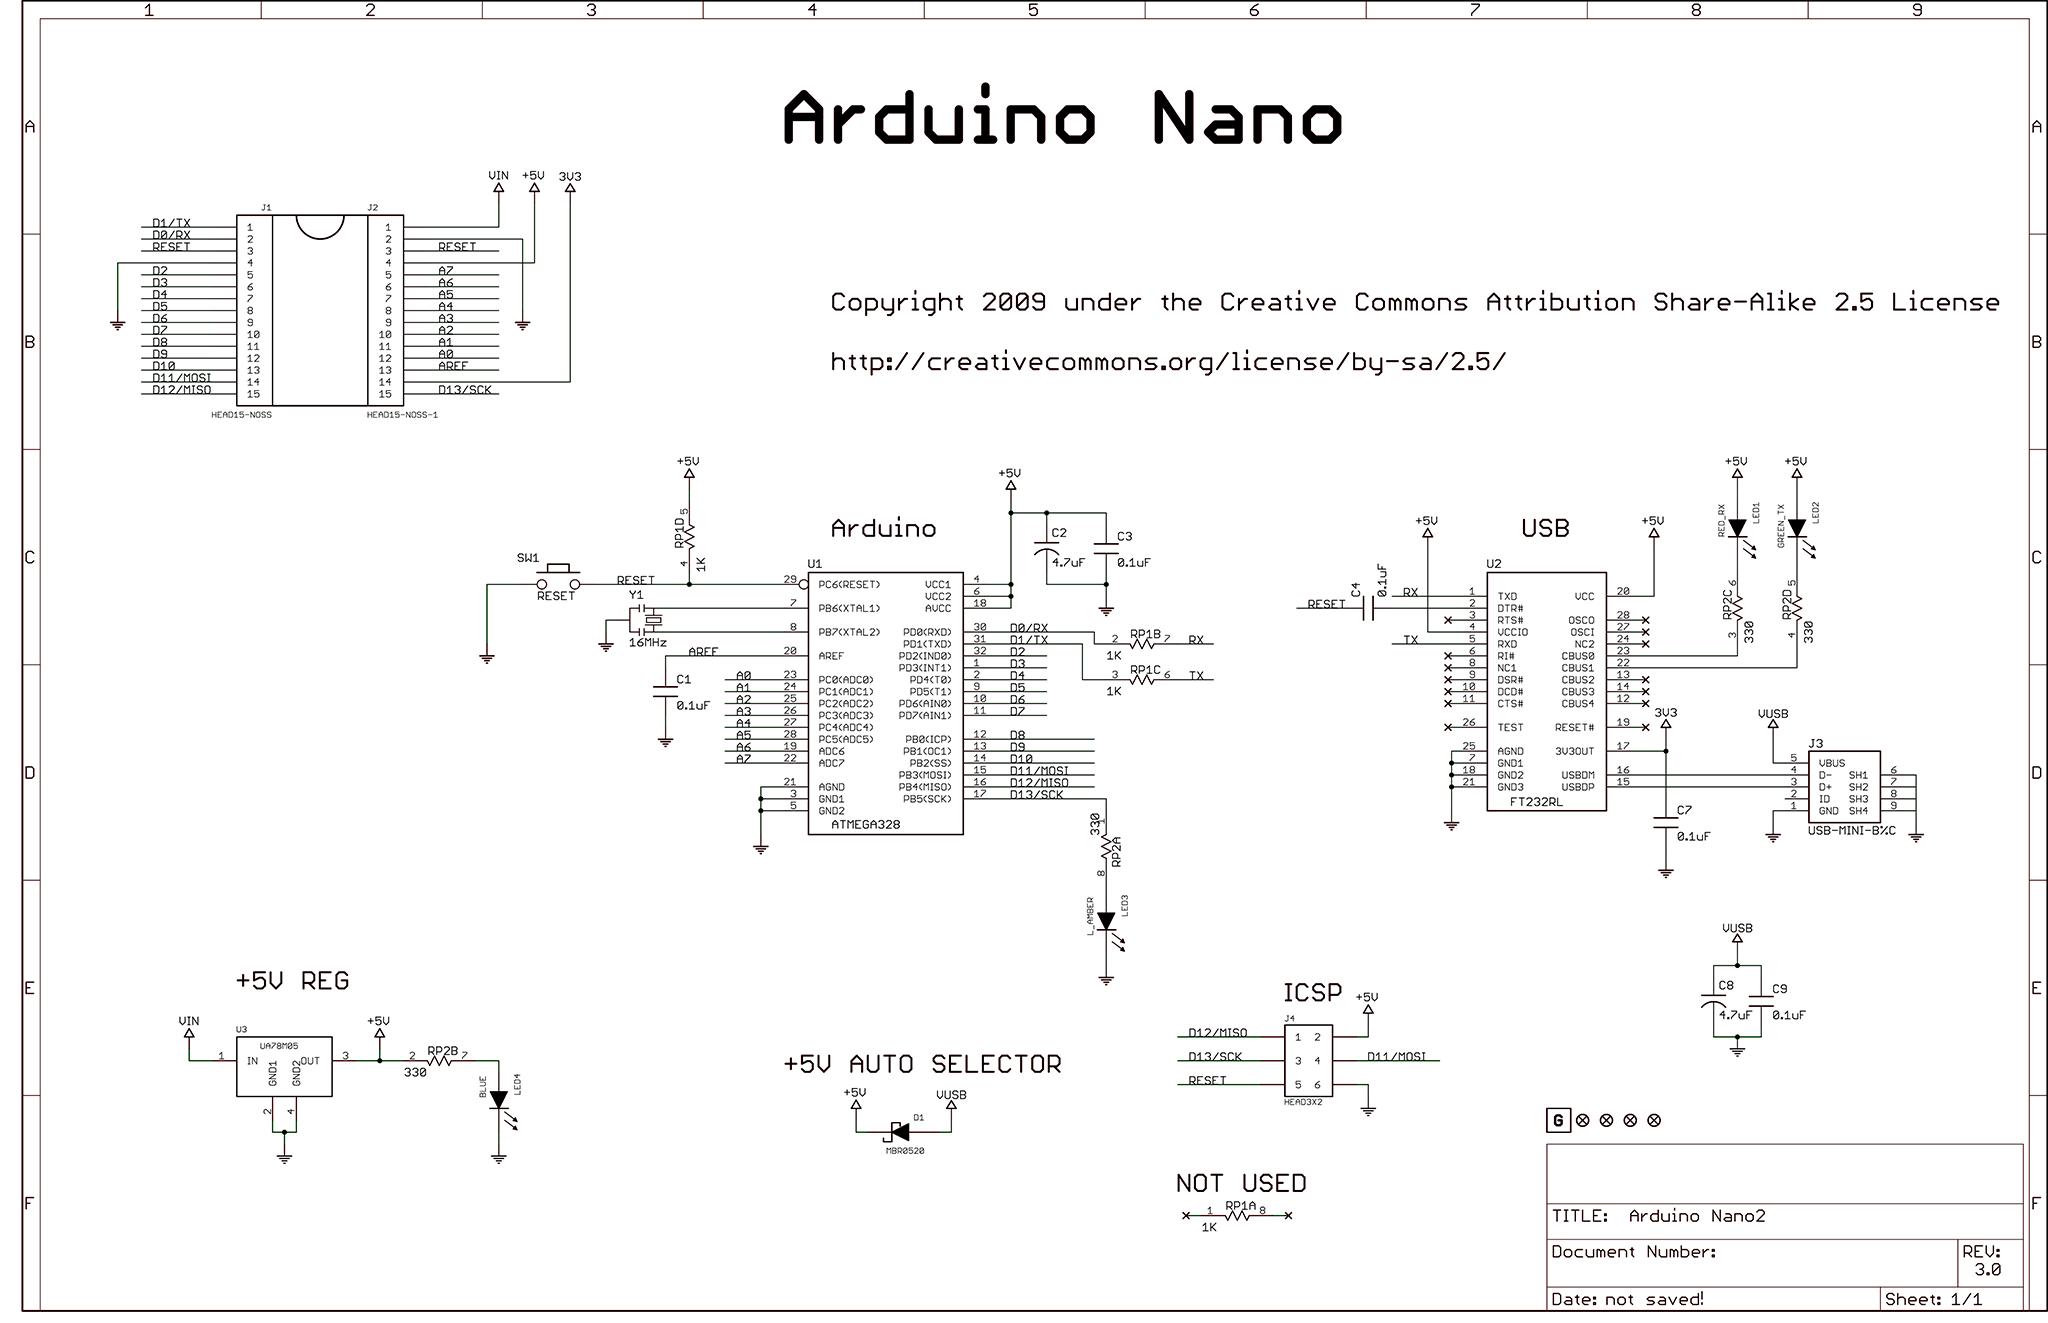 schematic diagram of the arduino nano